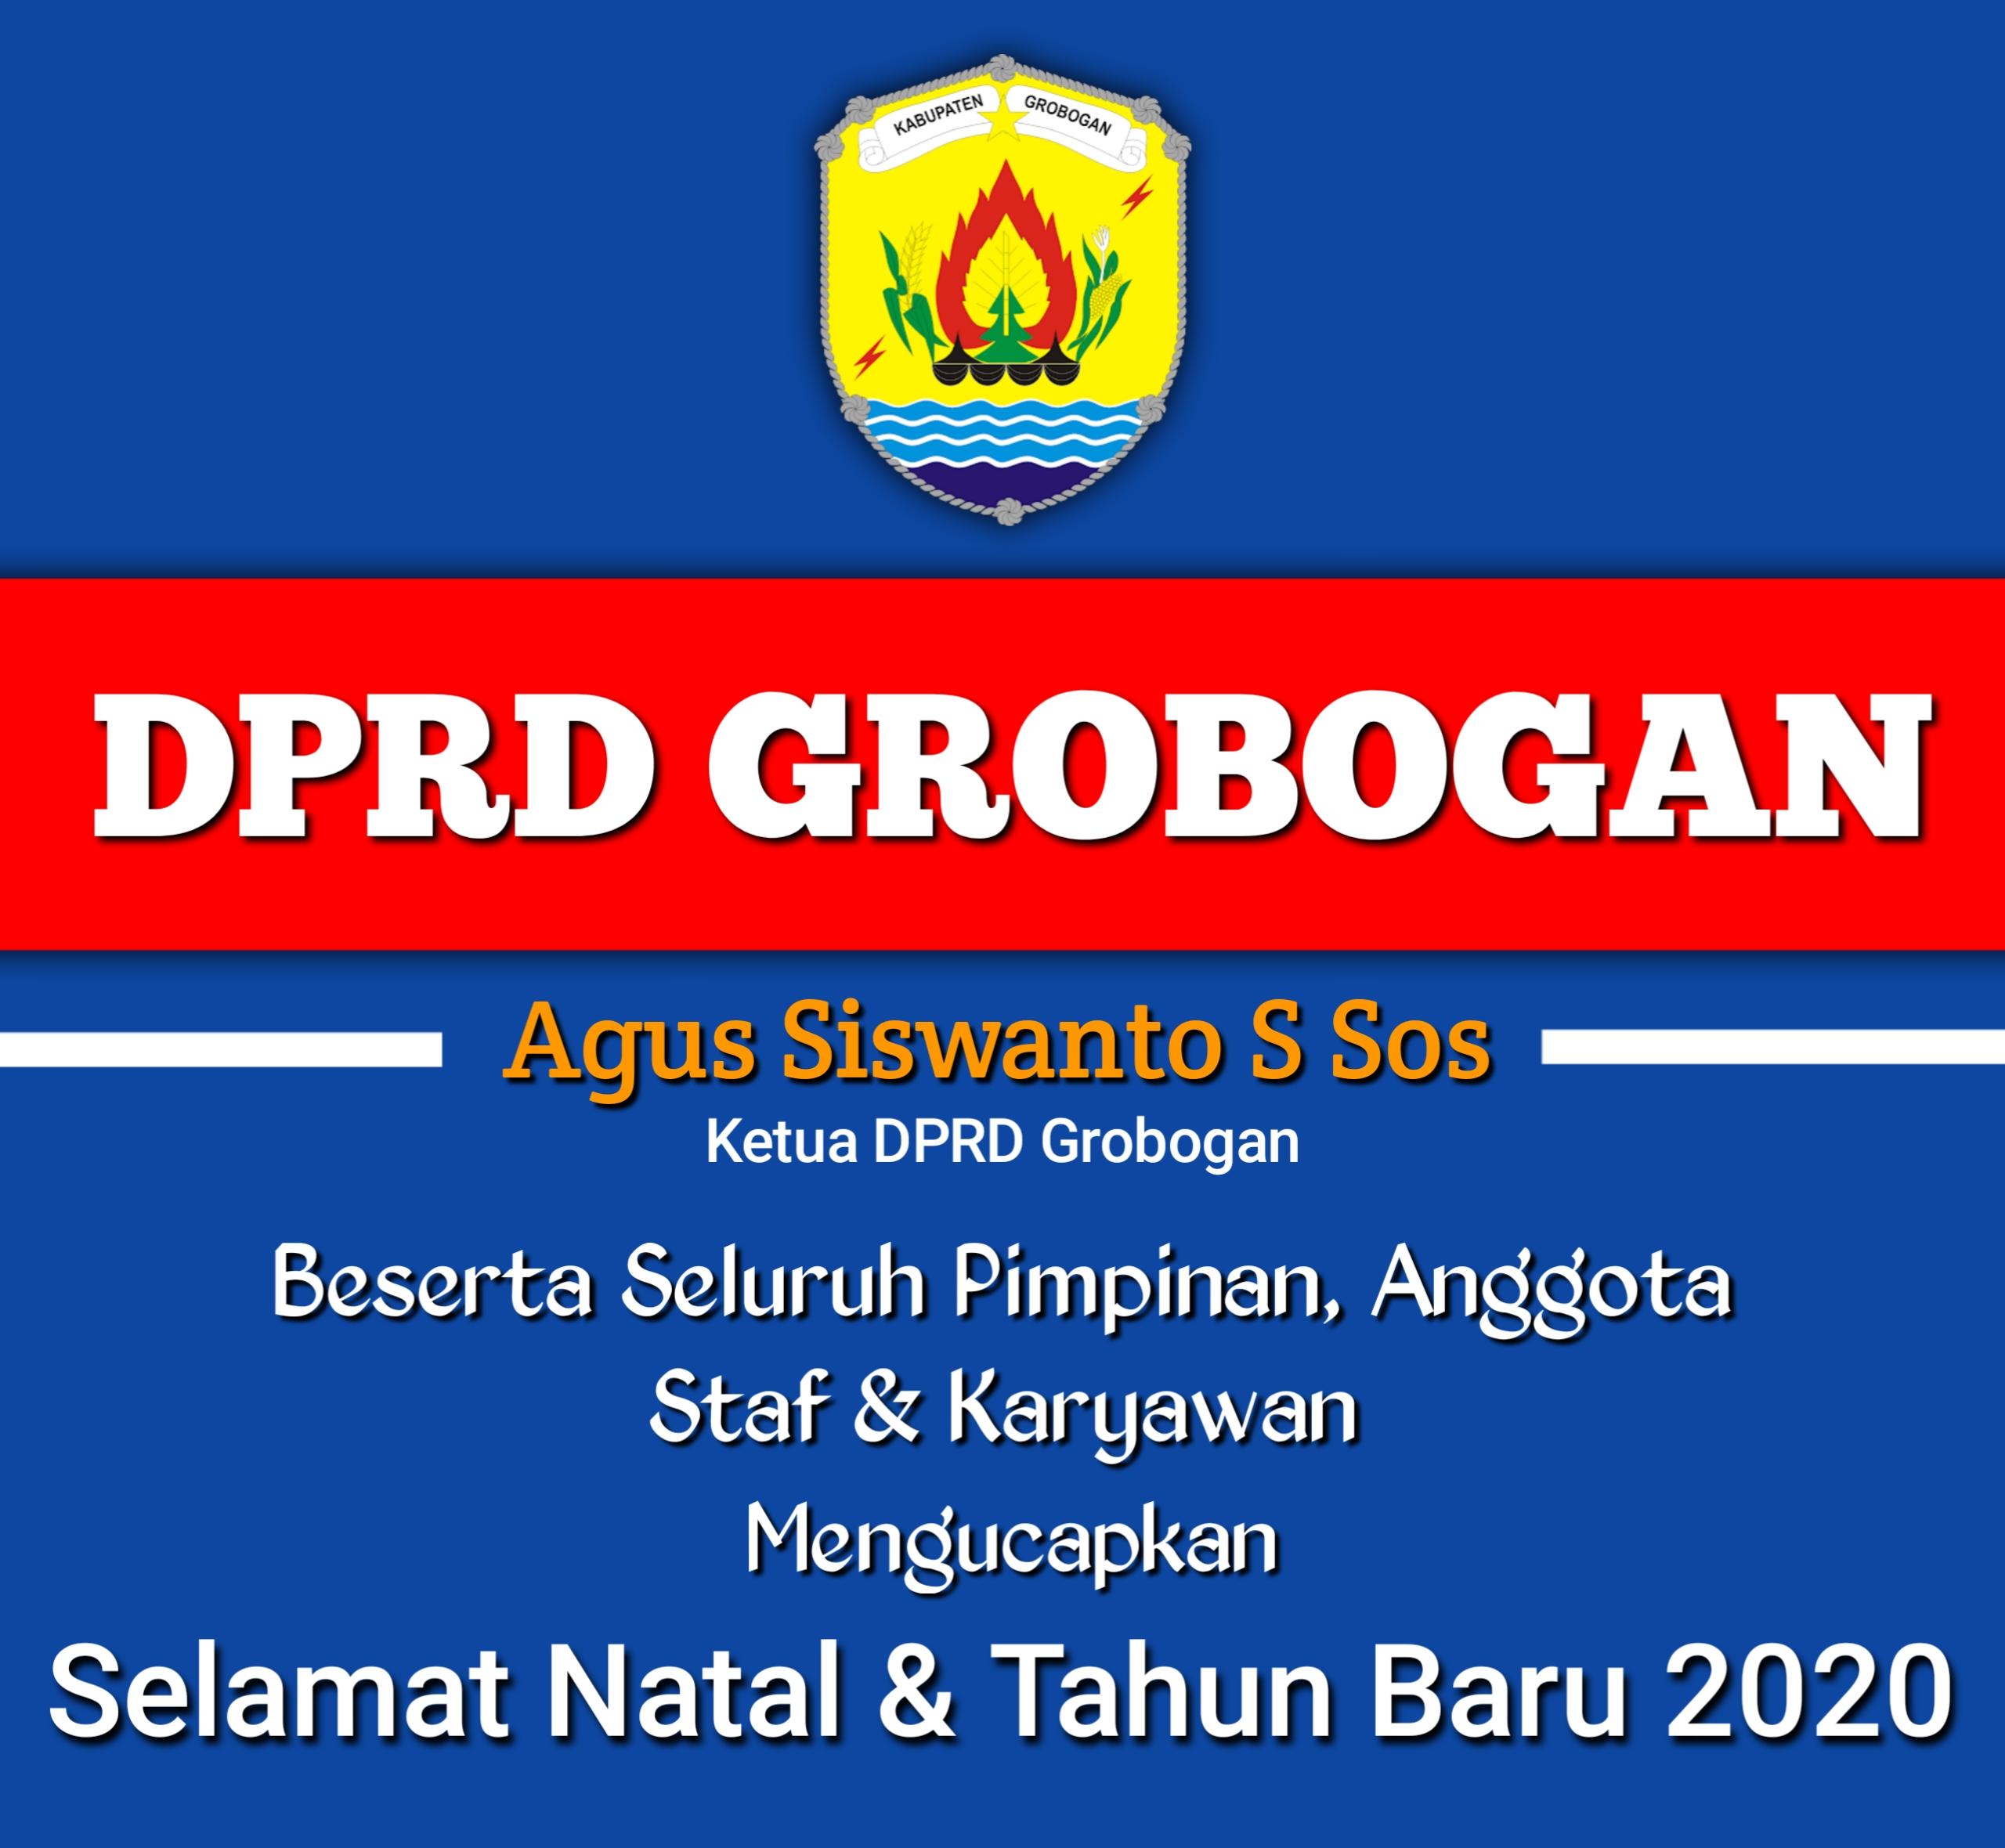 DPRD Grobogan